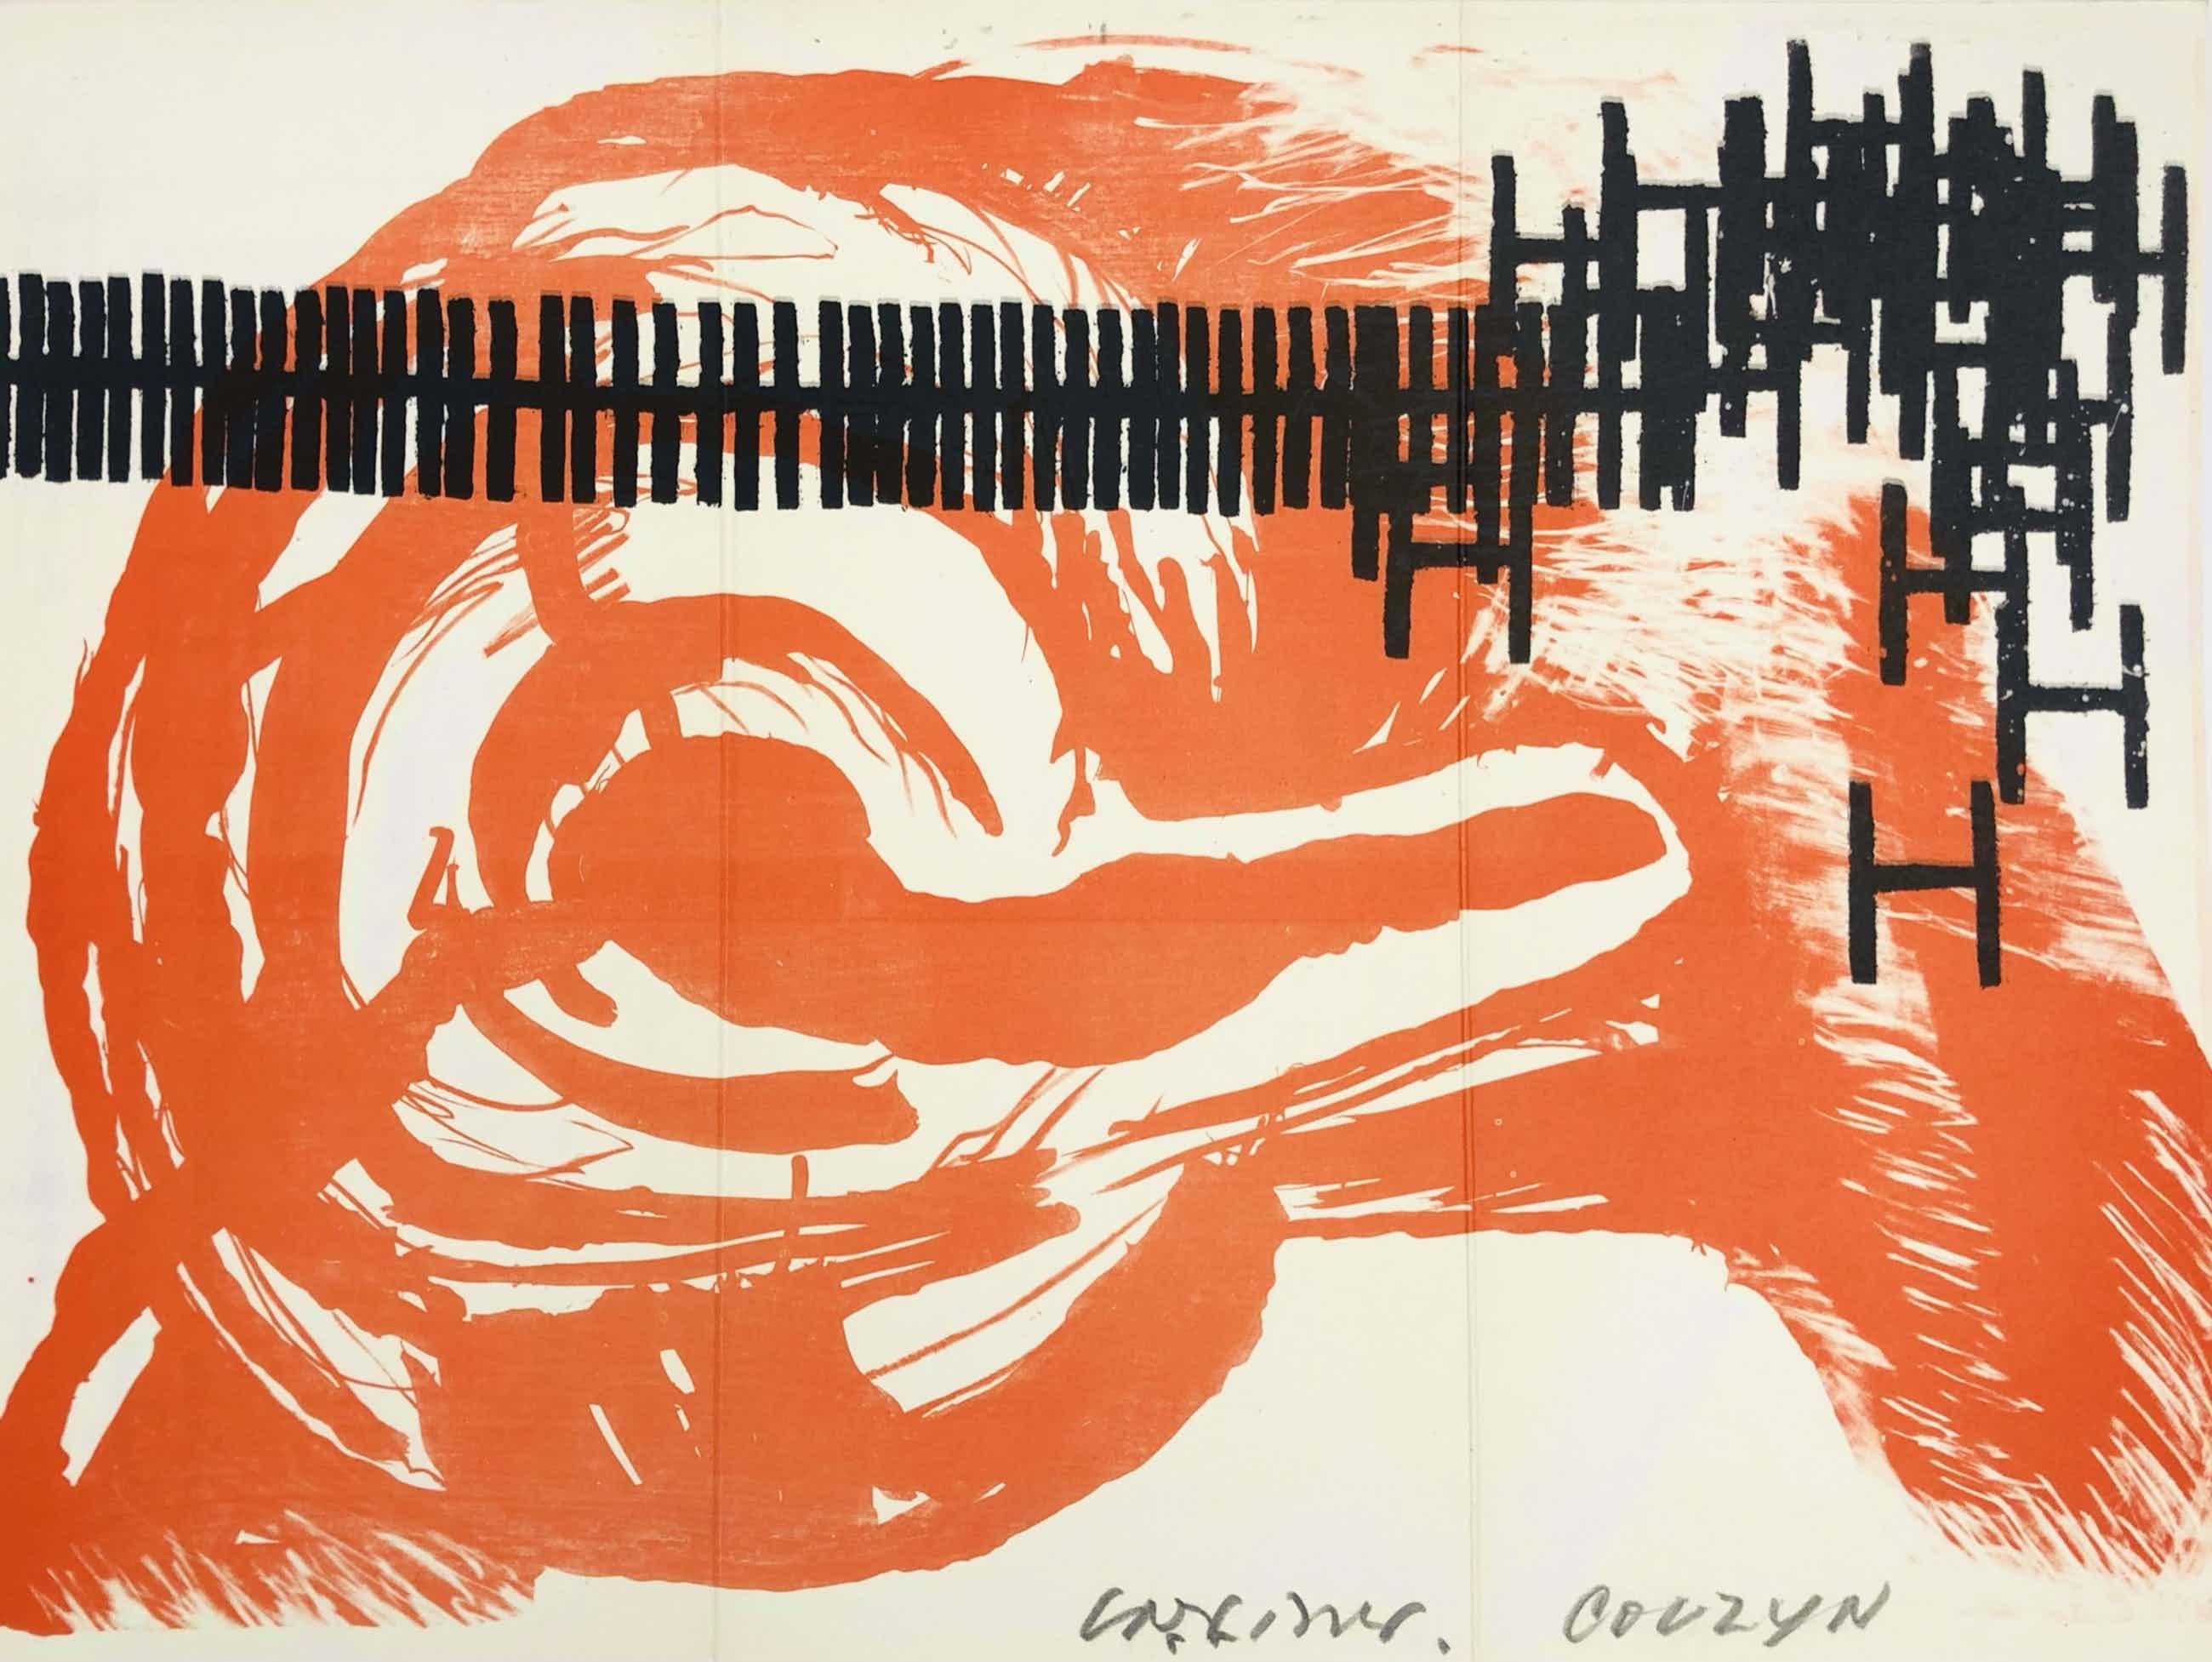 Wessel Couzijn - Carel Visser - uitnodigingskaart Atelierfeest op 19 maart 1965 kopen? Bied vanaf 225!